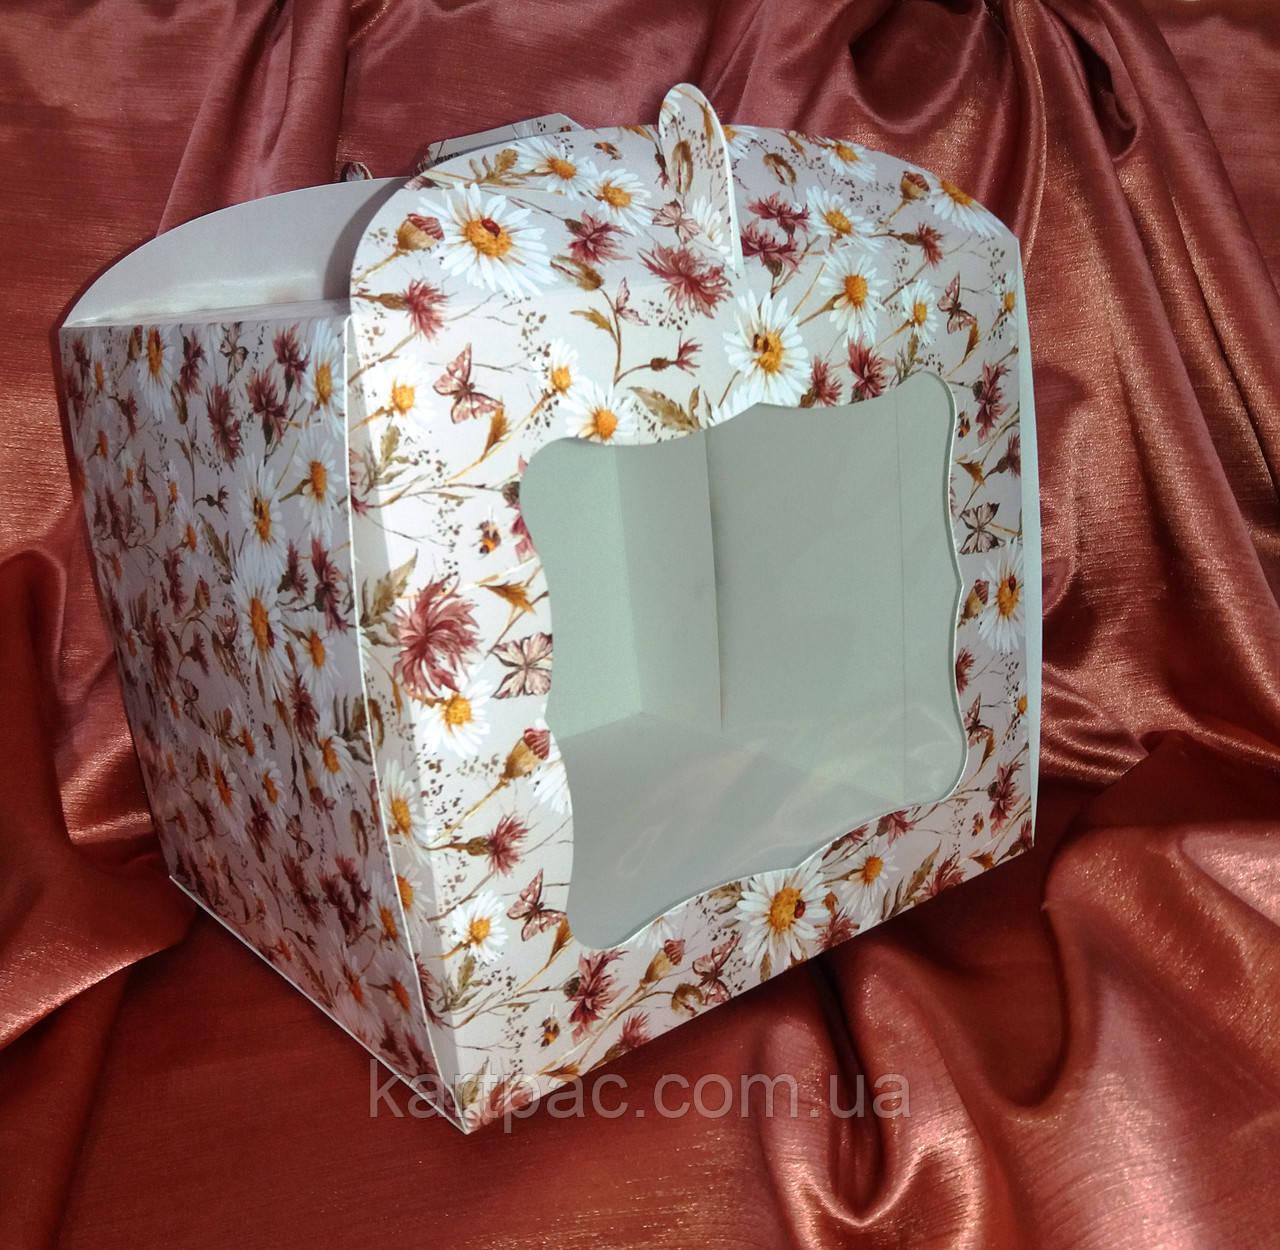 Тортовая упаковка 230*230*210 (мелованный картон принт Ромашка)